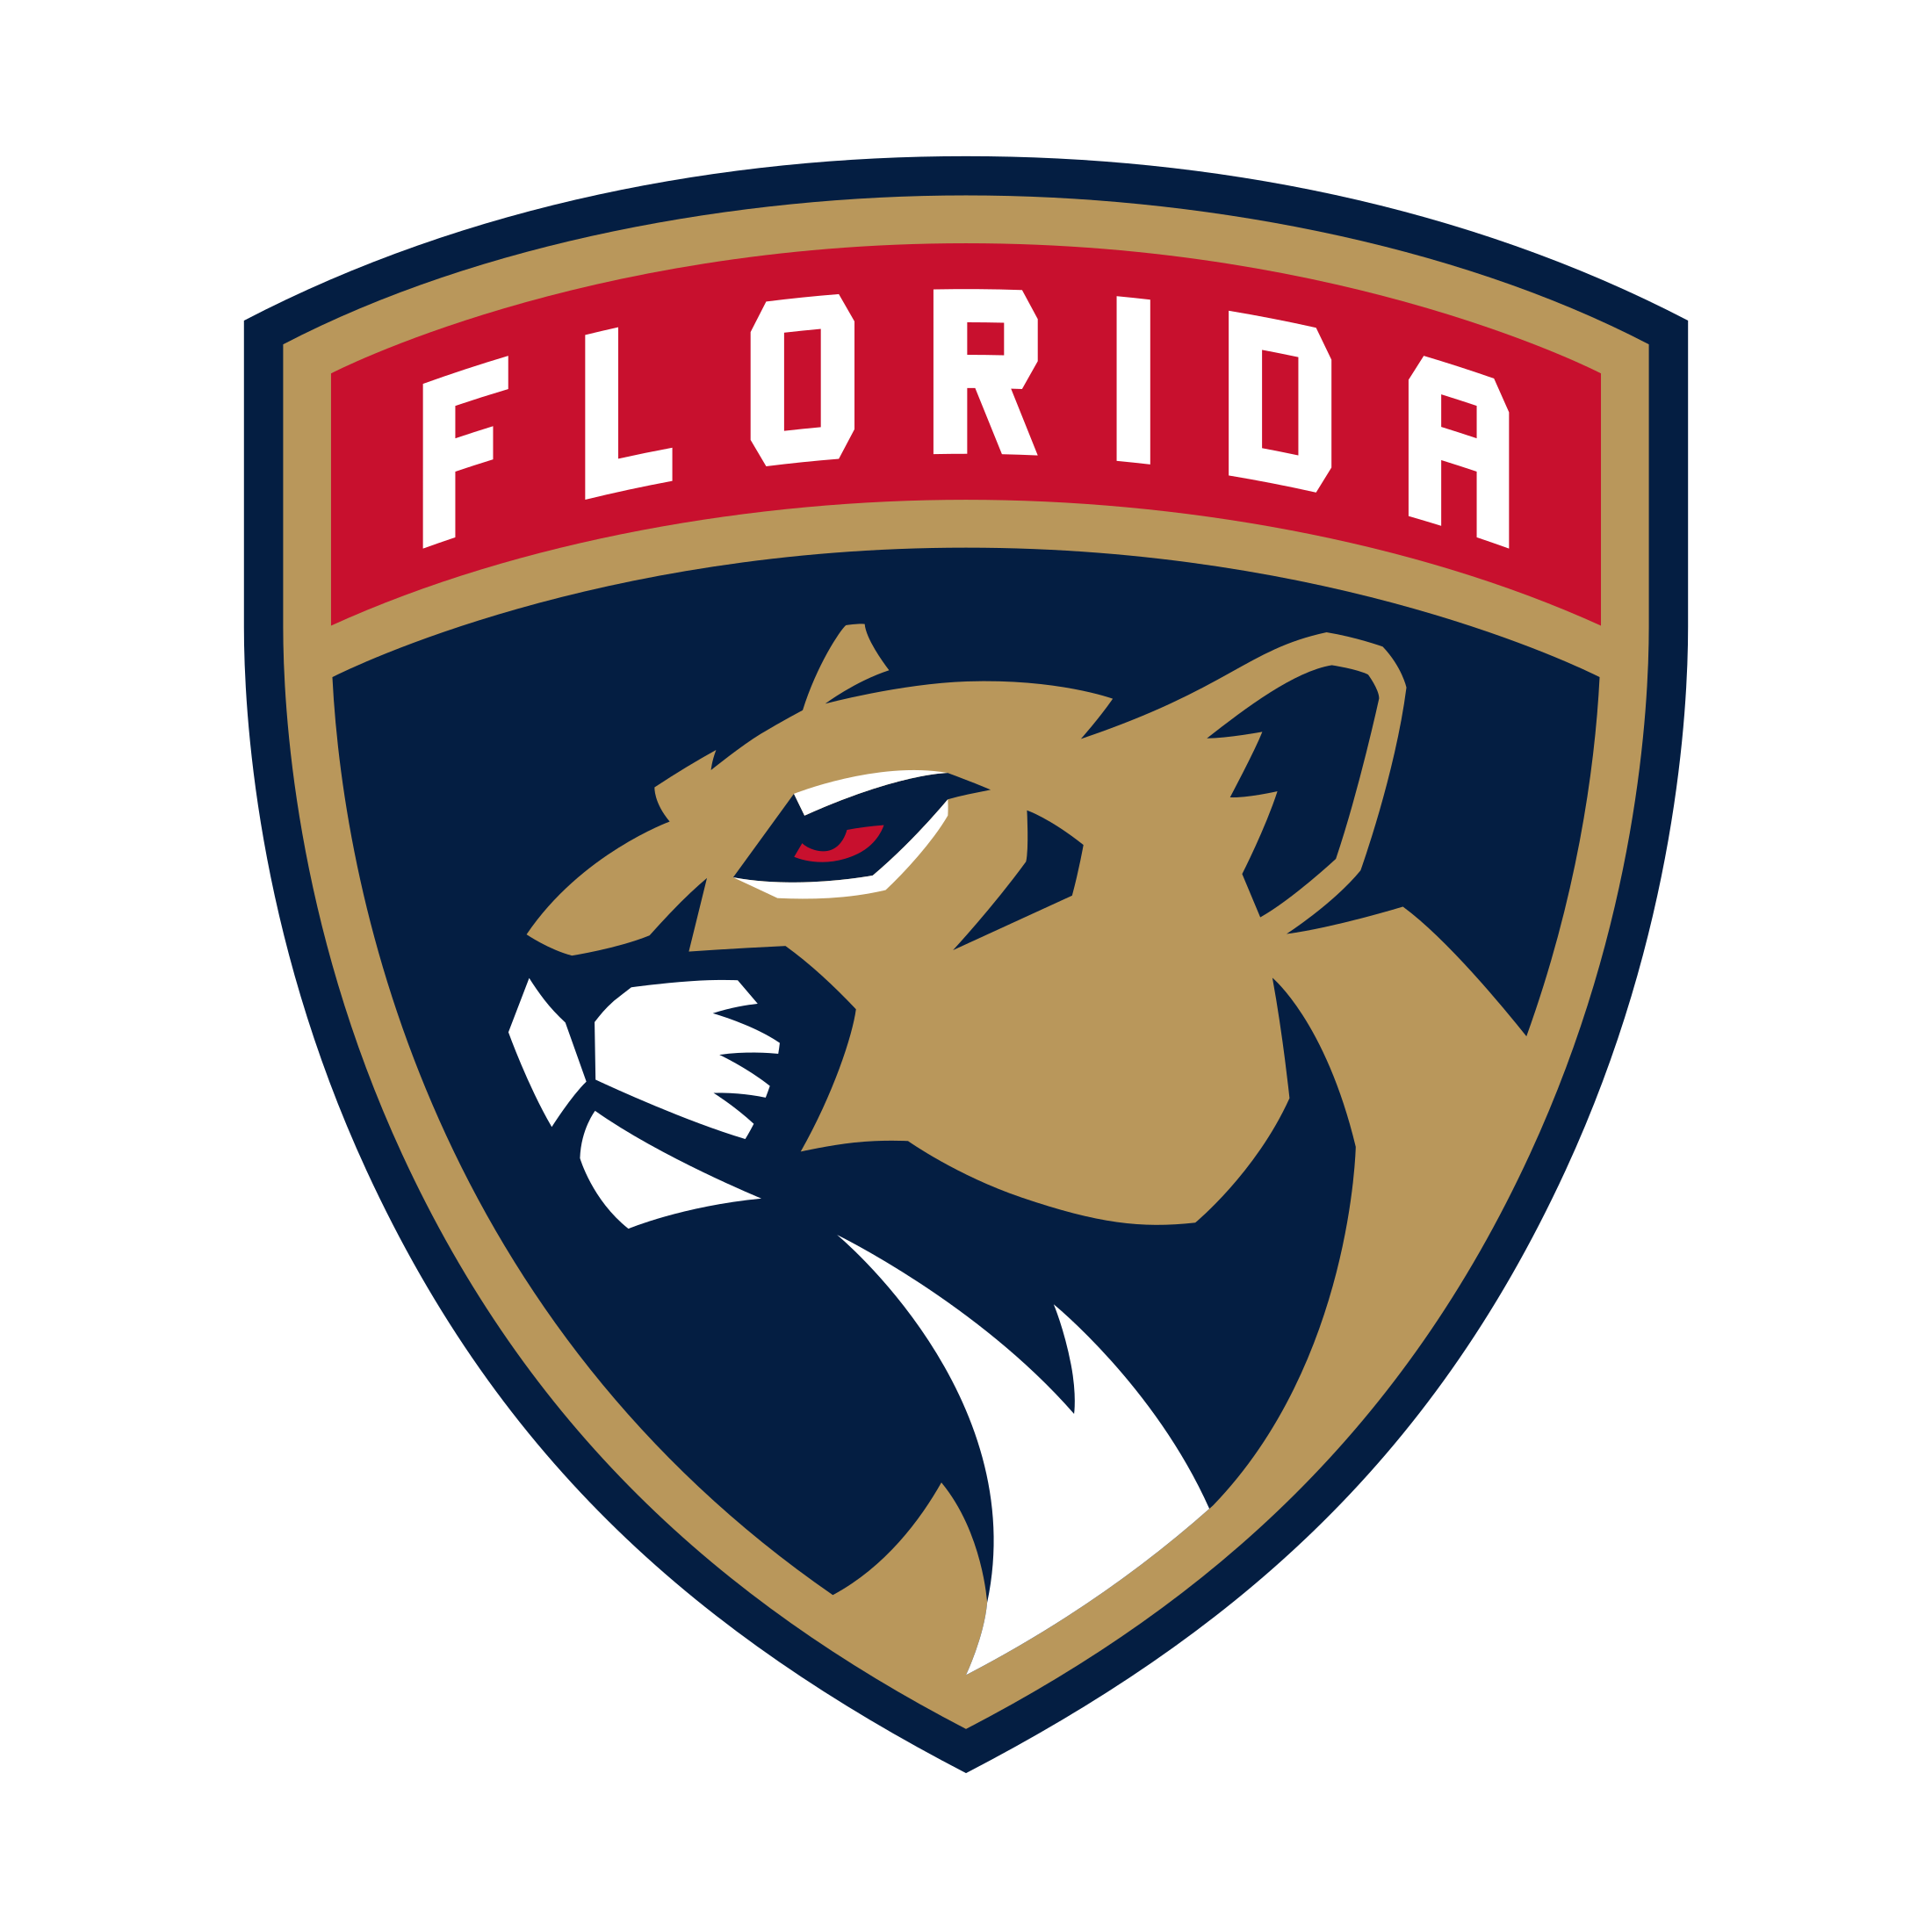 Florida Panthers Logo PNG Transparent & SVG Vector.